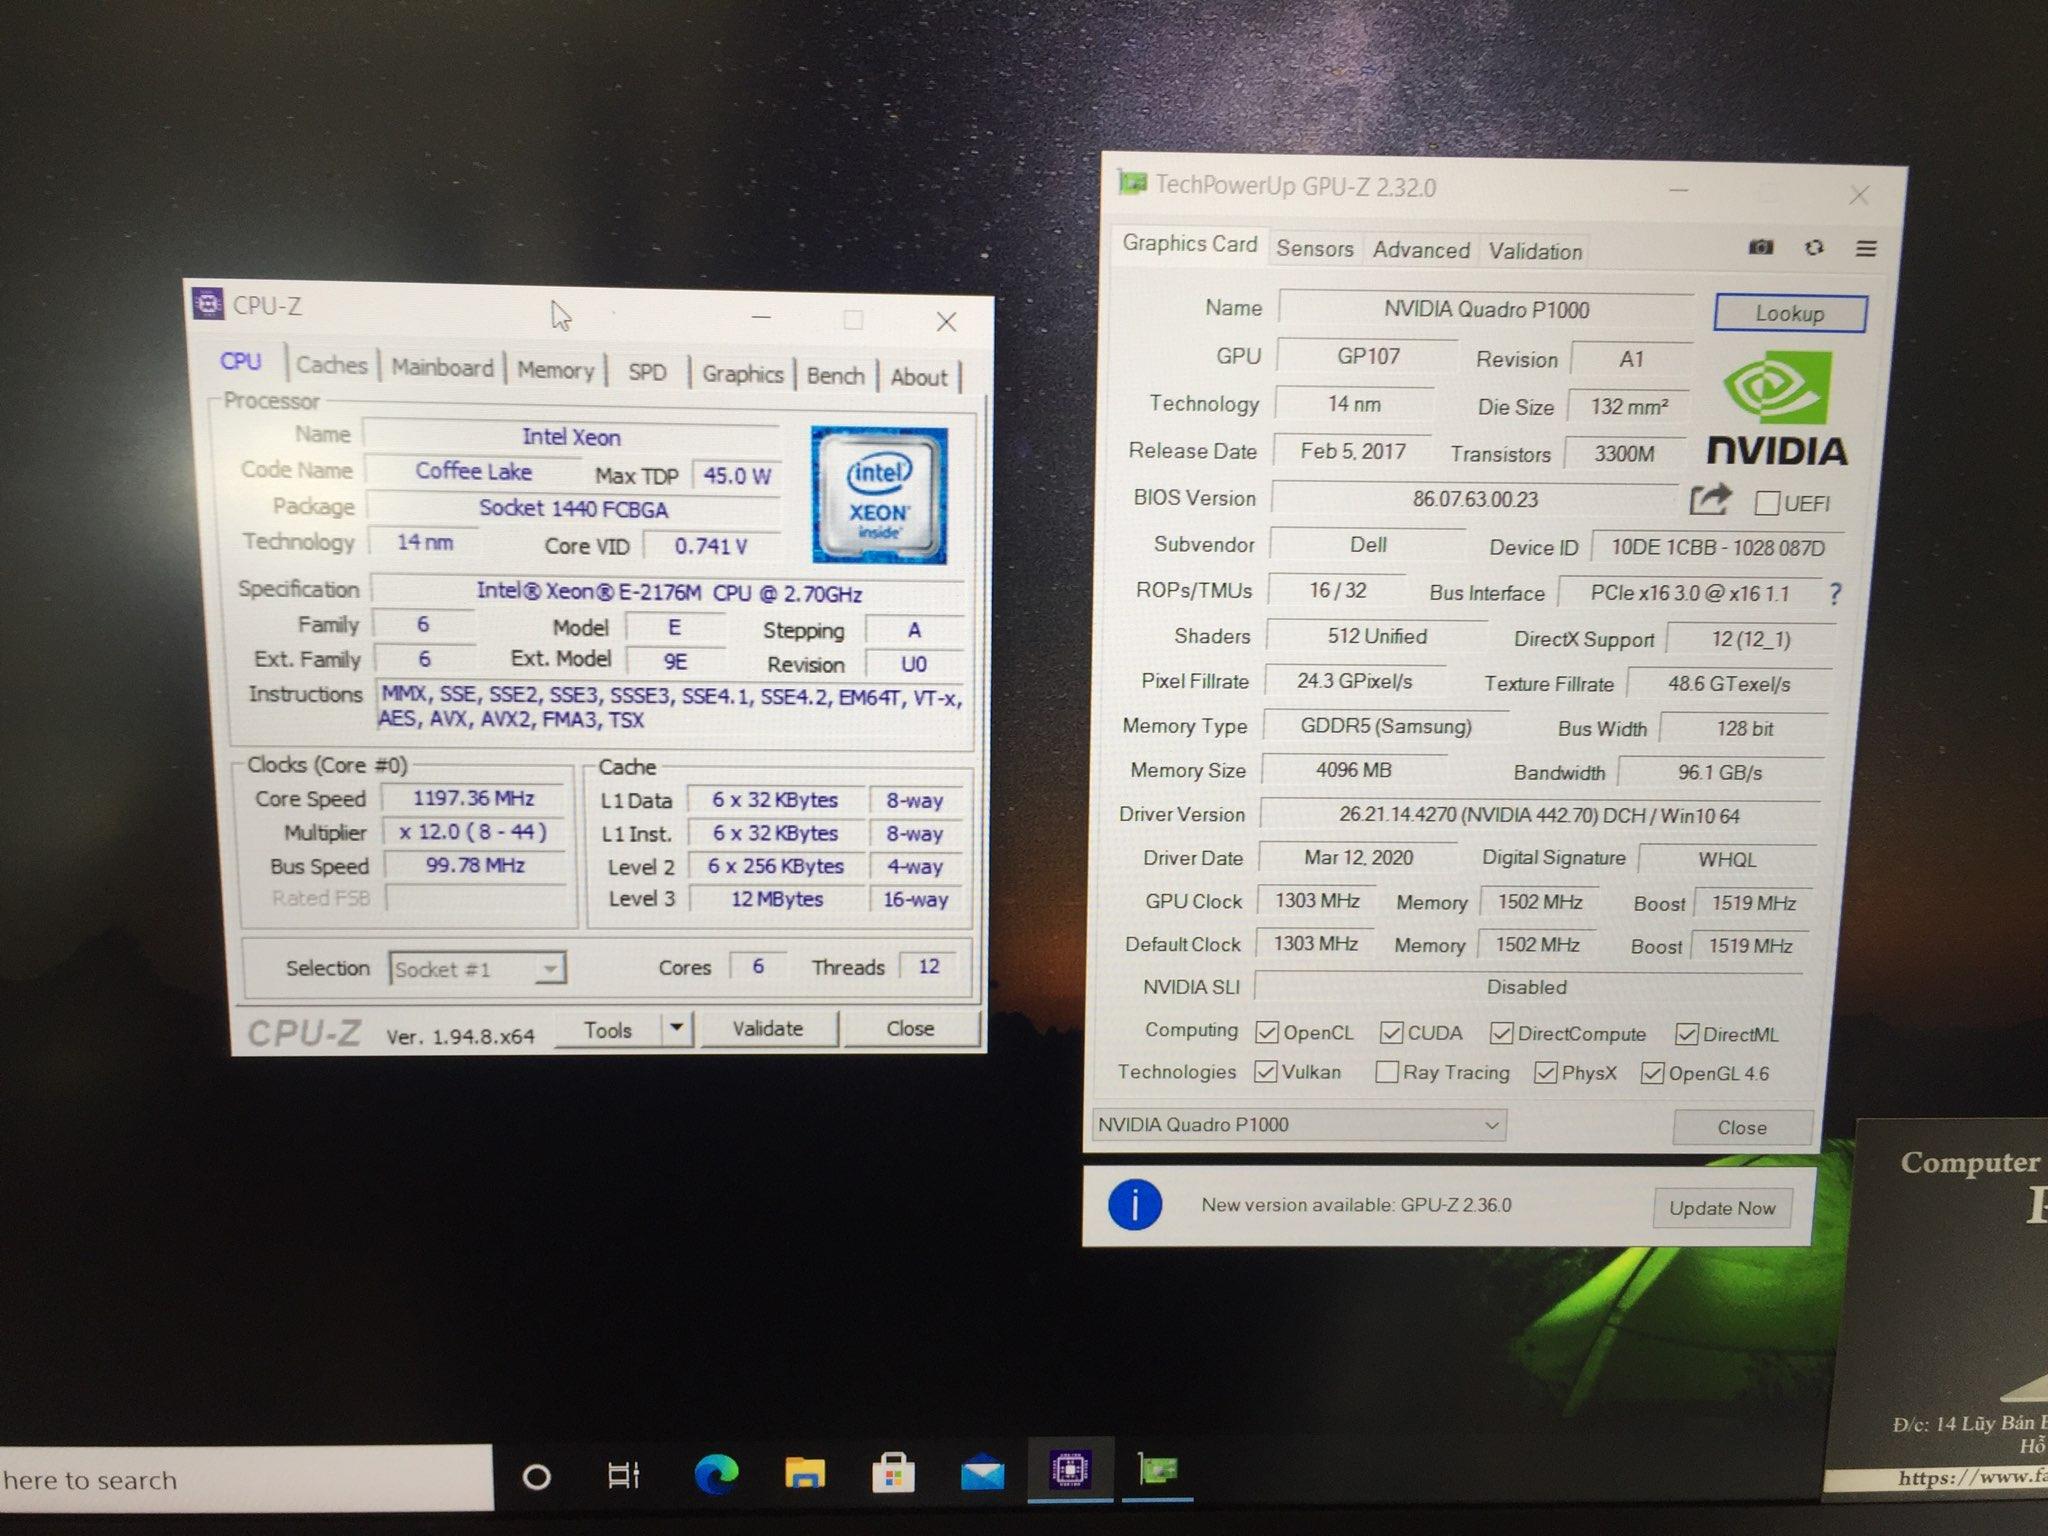 Dell Precision 5530 Xeon FHD, laptop dell precision 5530 xeon FHD giá rẻ HCM